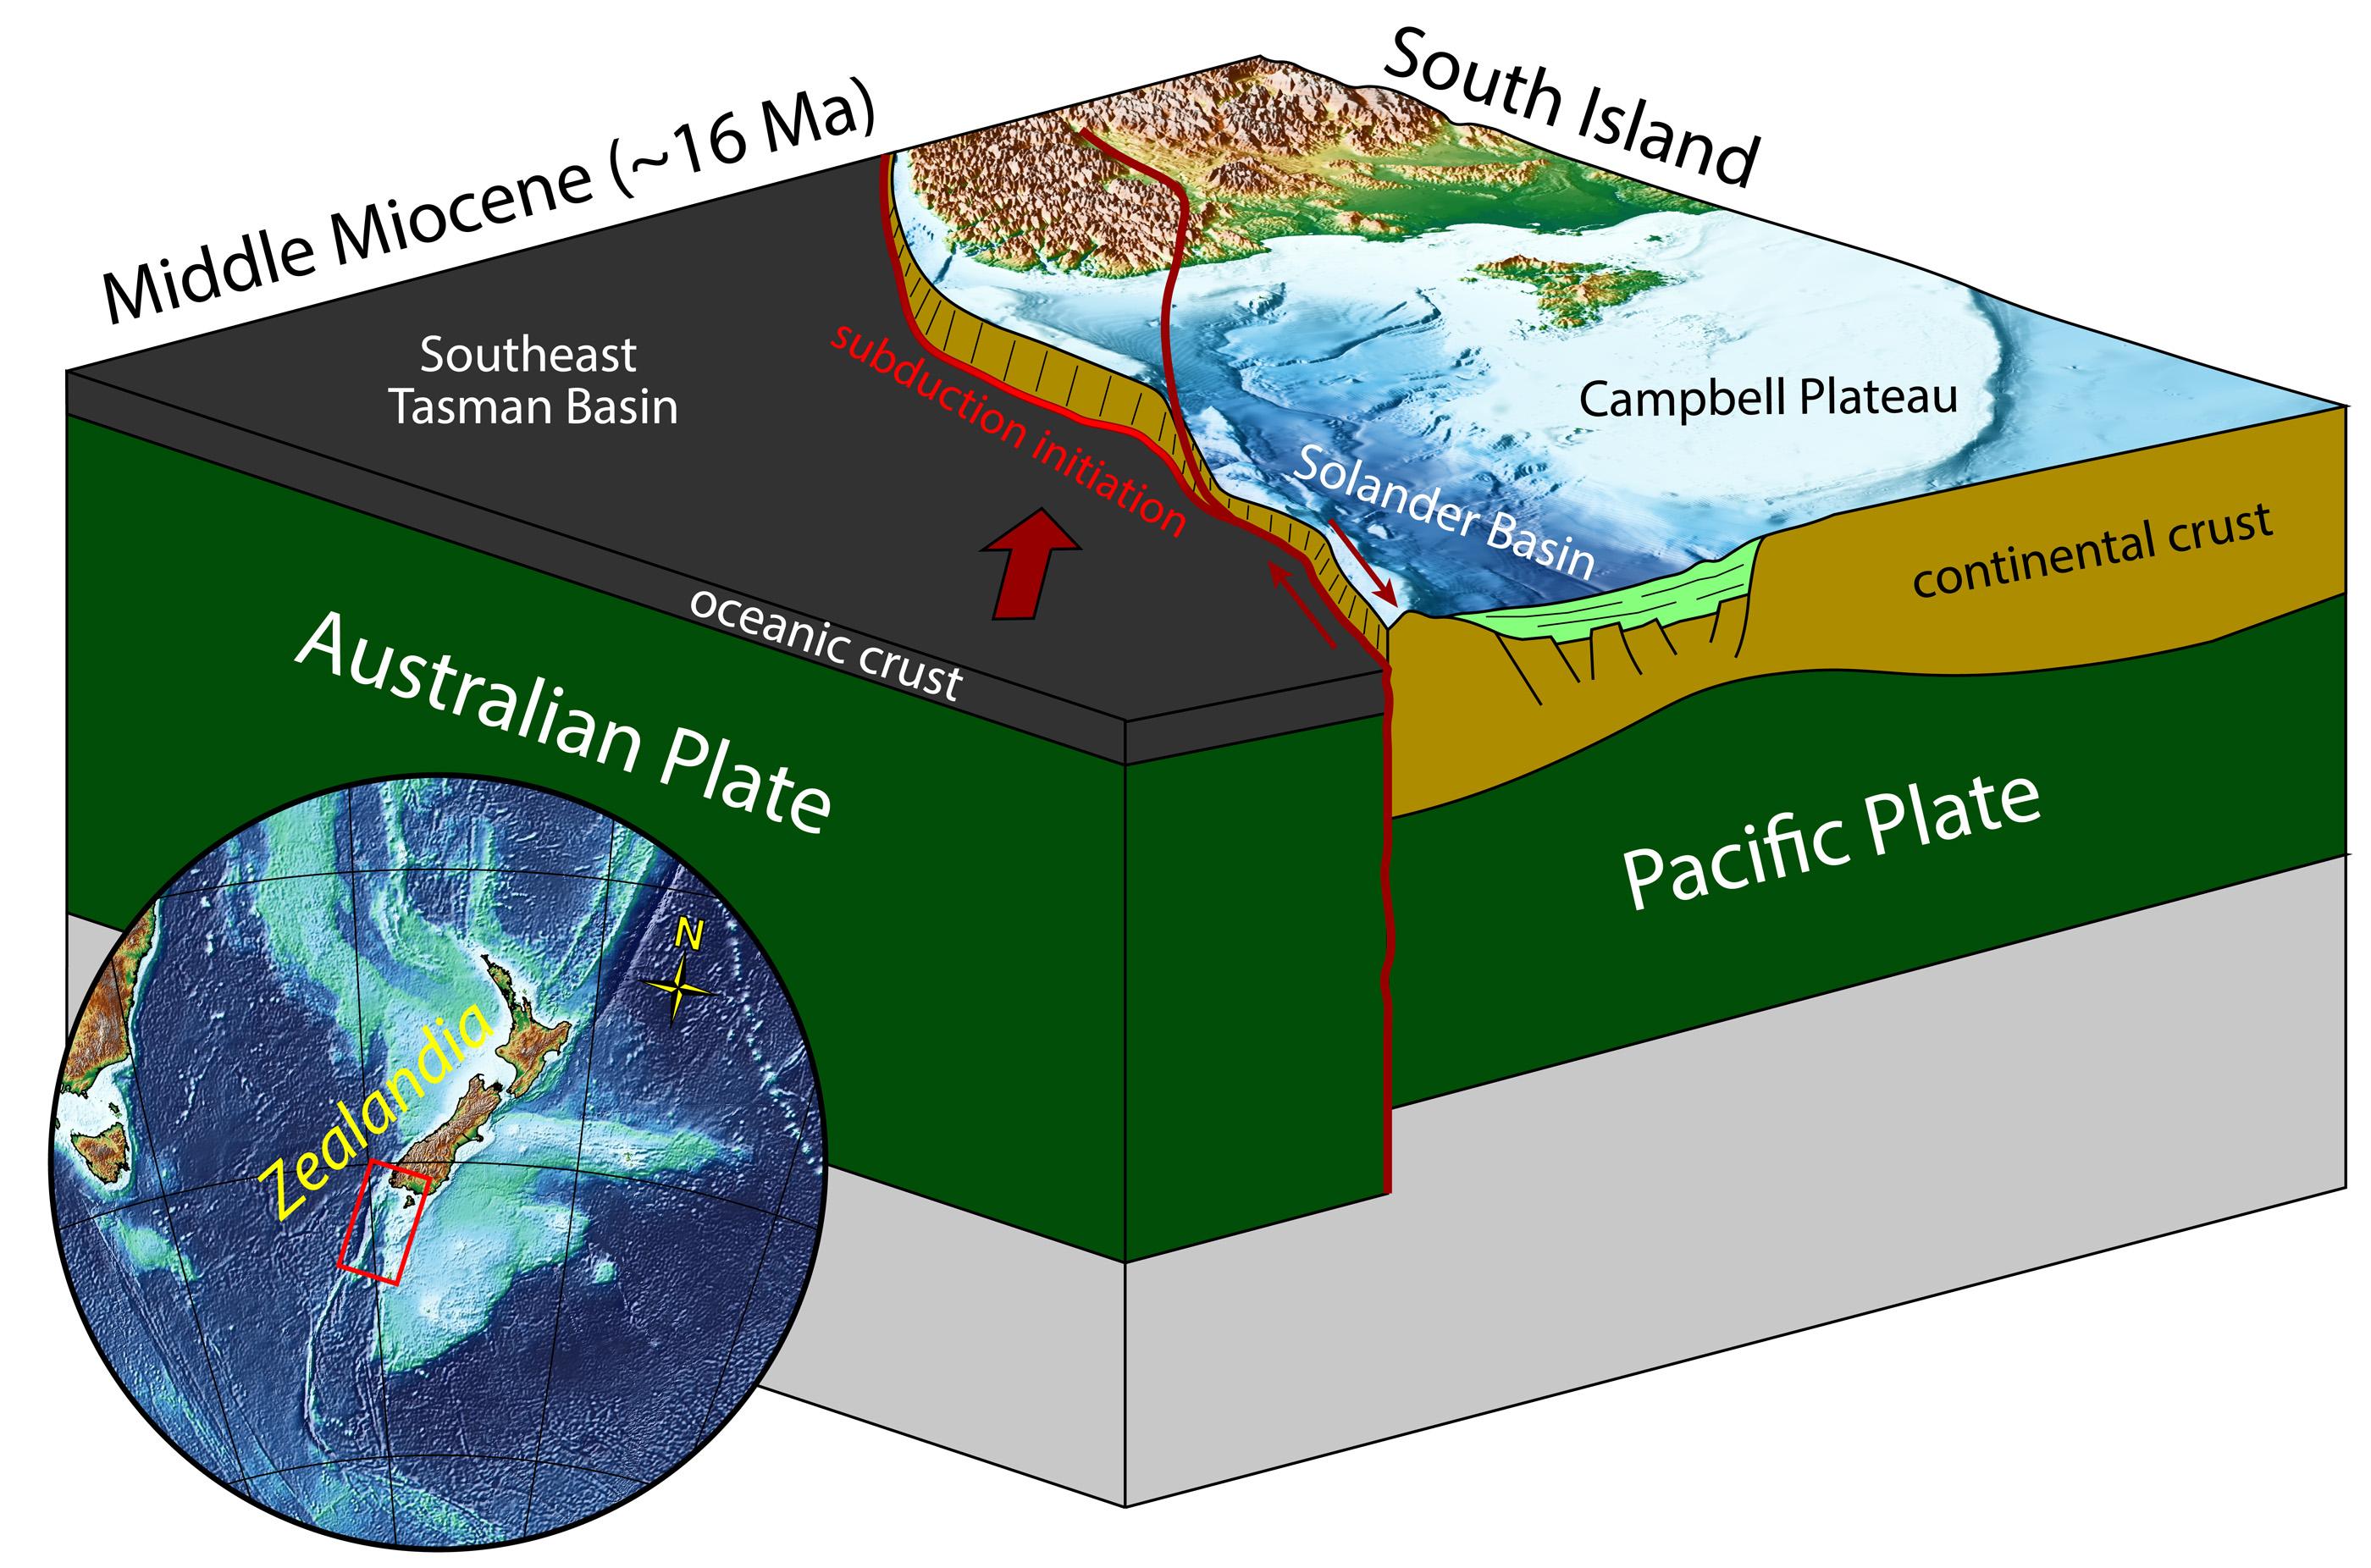 Un schéma montrant la marge de Puysegur au sud de la Nouvelle-Zélande.  Le fond marin, qui s'est étendu il y a 45 millions d'années, a étendu la croûte continentale submergée de Zealandia sur la plaque du Pacifique, créant une région éclaircie dans le bassin de Solander.  Une faille décrochée a amené côte à côte cette croûte continentale affaiblie et cette croûte océanique plus dense de la plaque australienne.  La collision a poussé la croûte océanique dense sous la croûte continentale plus légère, un processus appelé subduction.